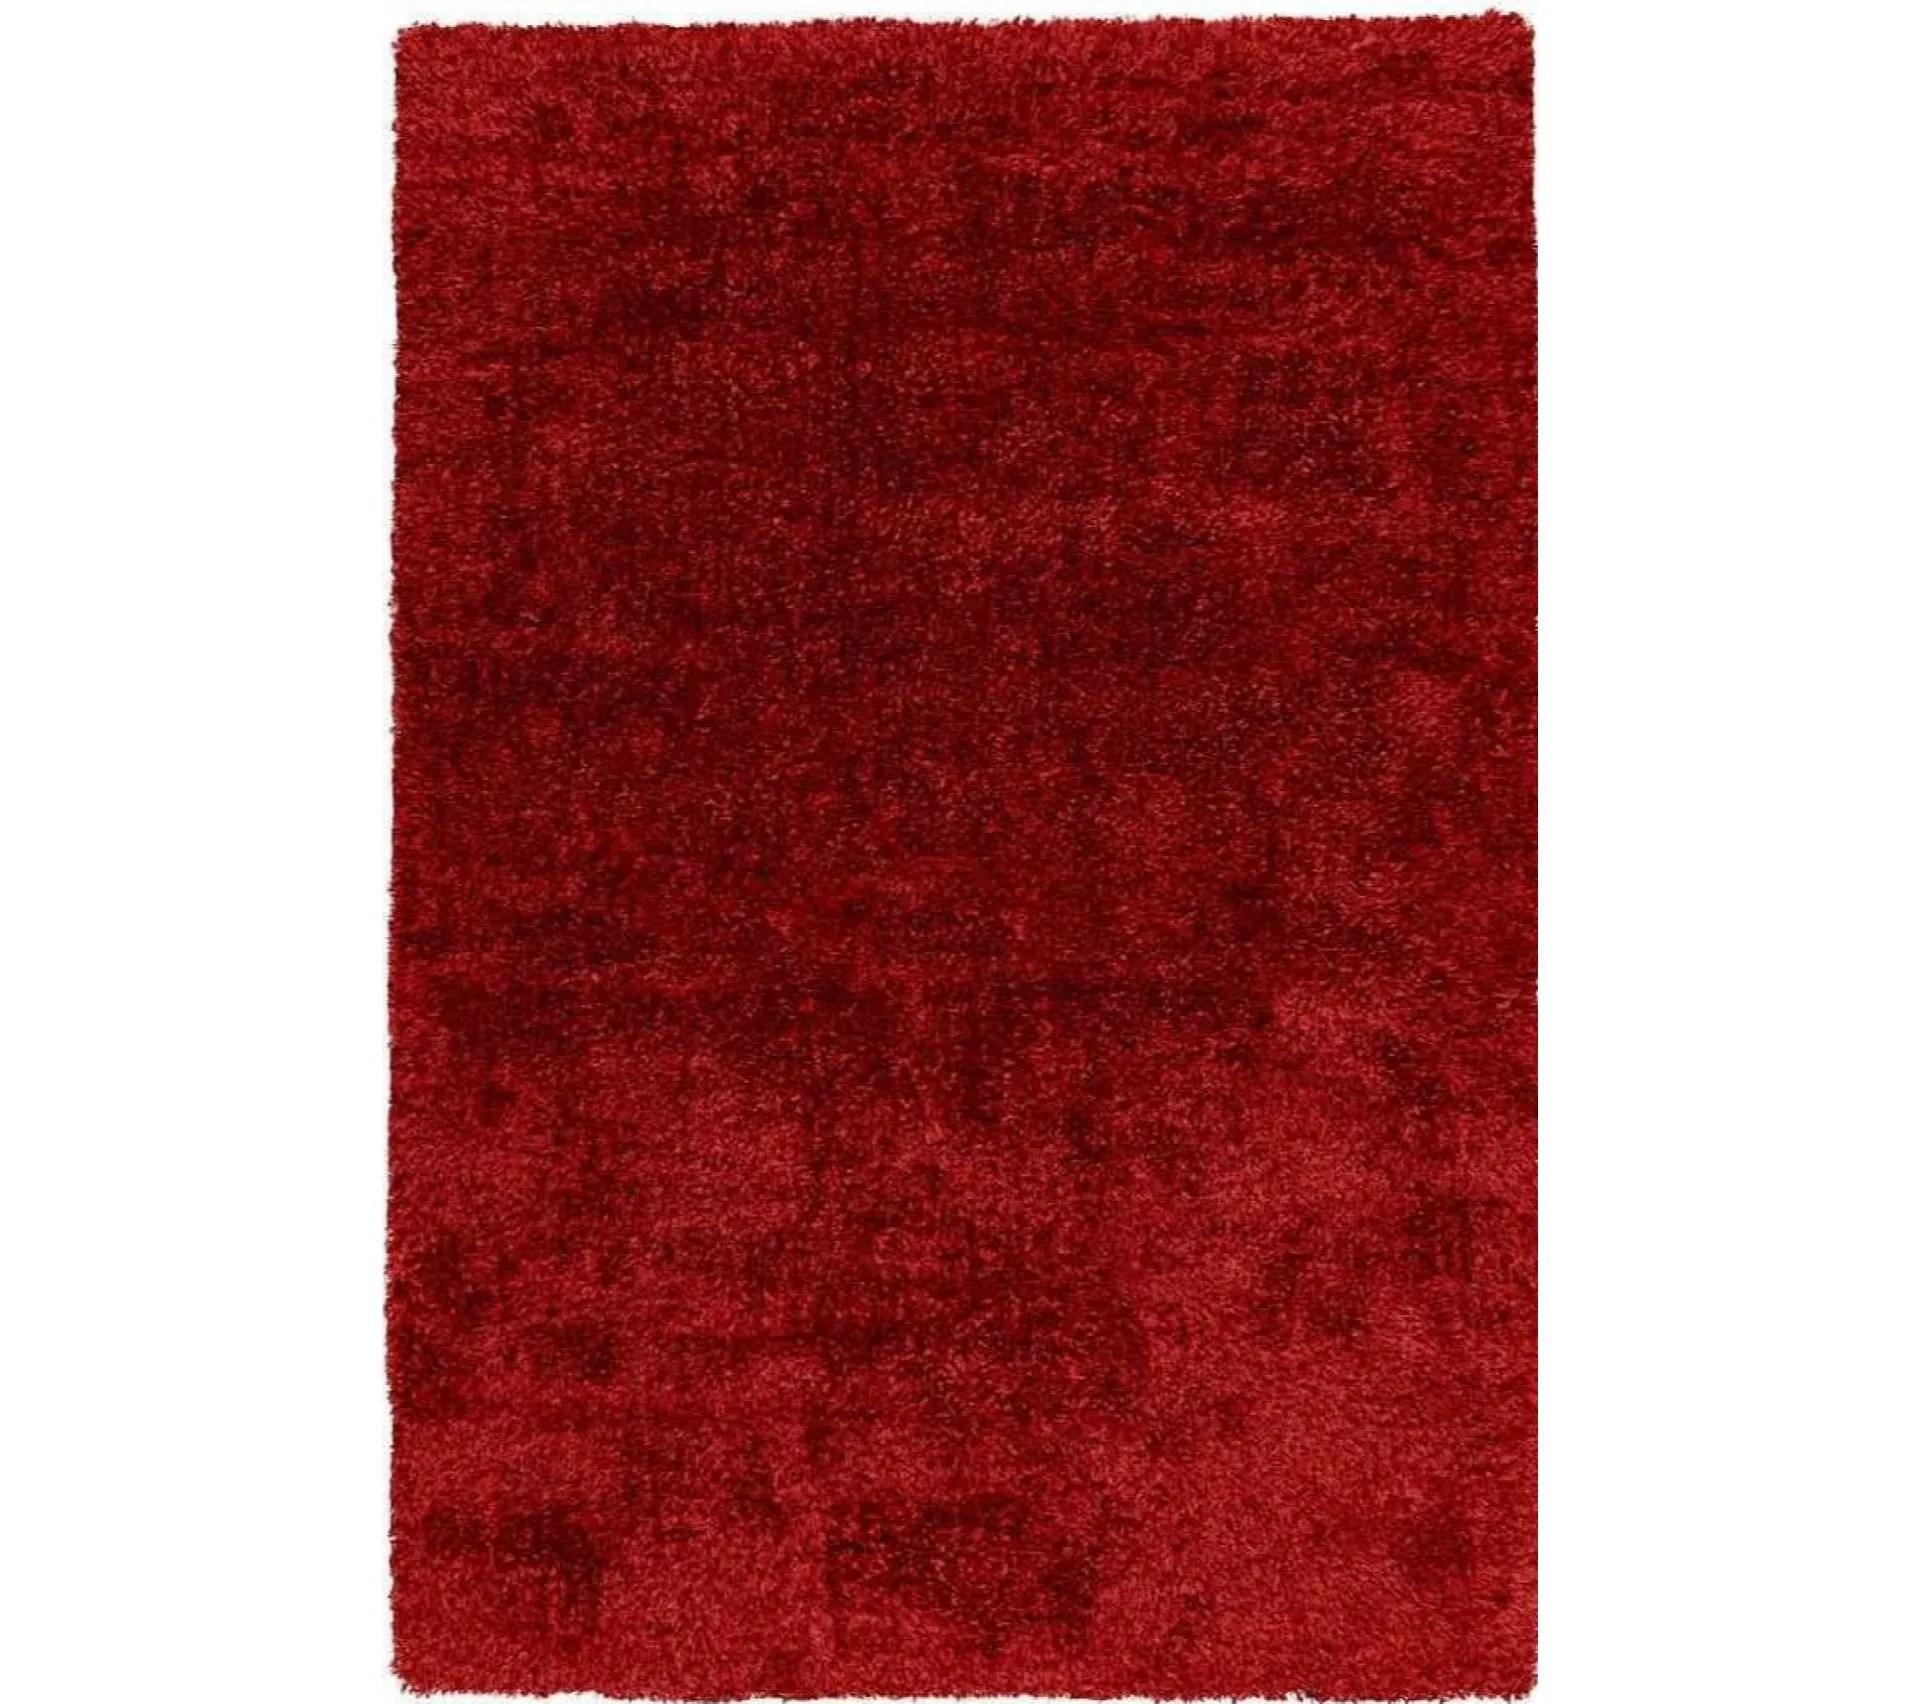 tapis grace shaggy rouge 60 x 110 cm